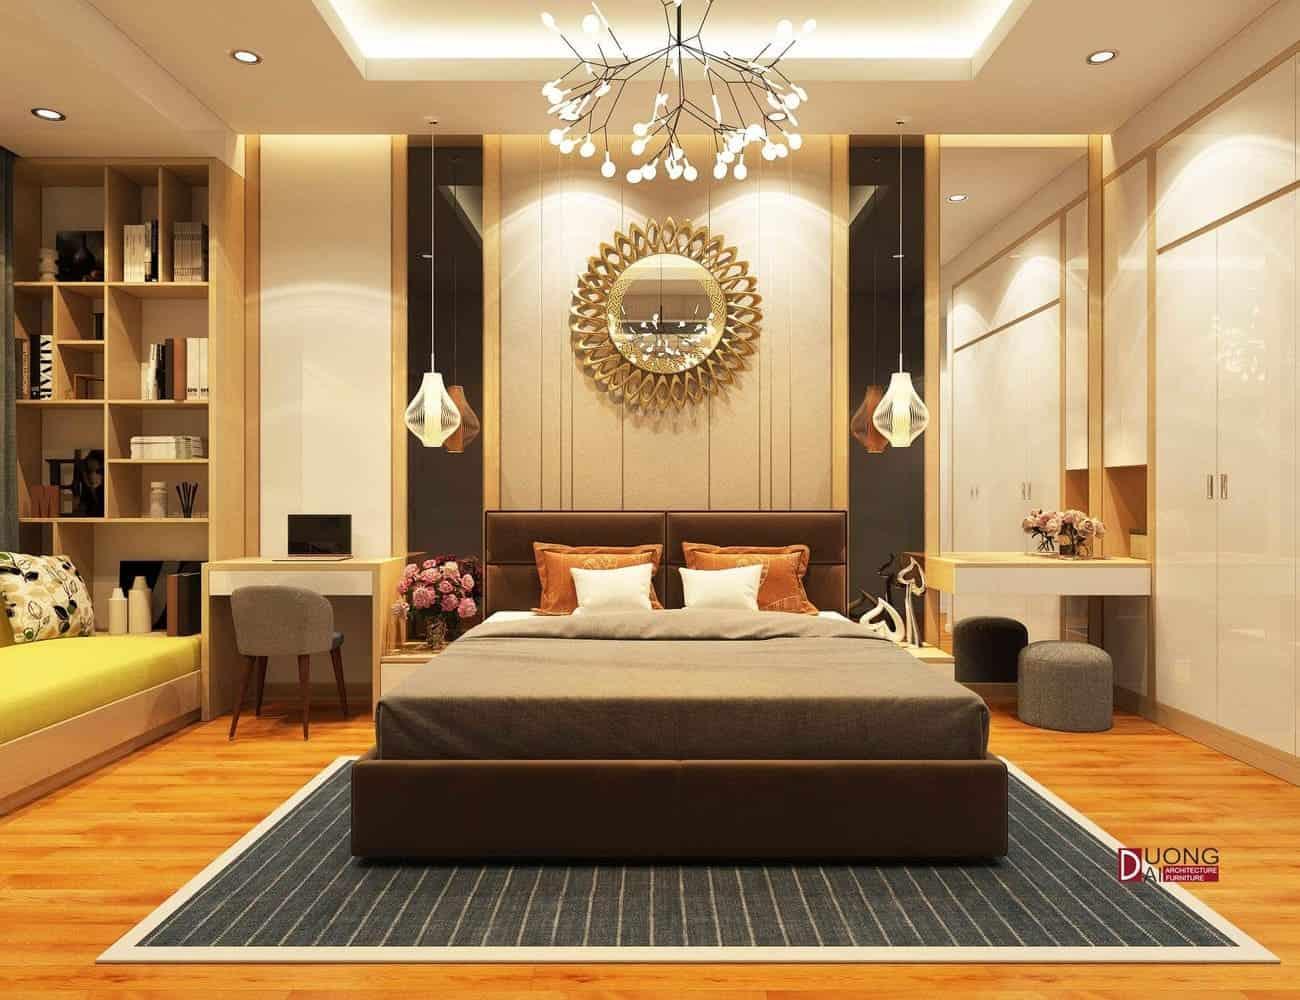 Thiết kế phòng ngủ siêu hiện đại và sang trọng